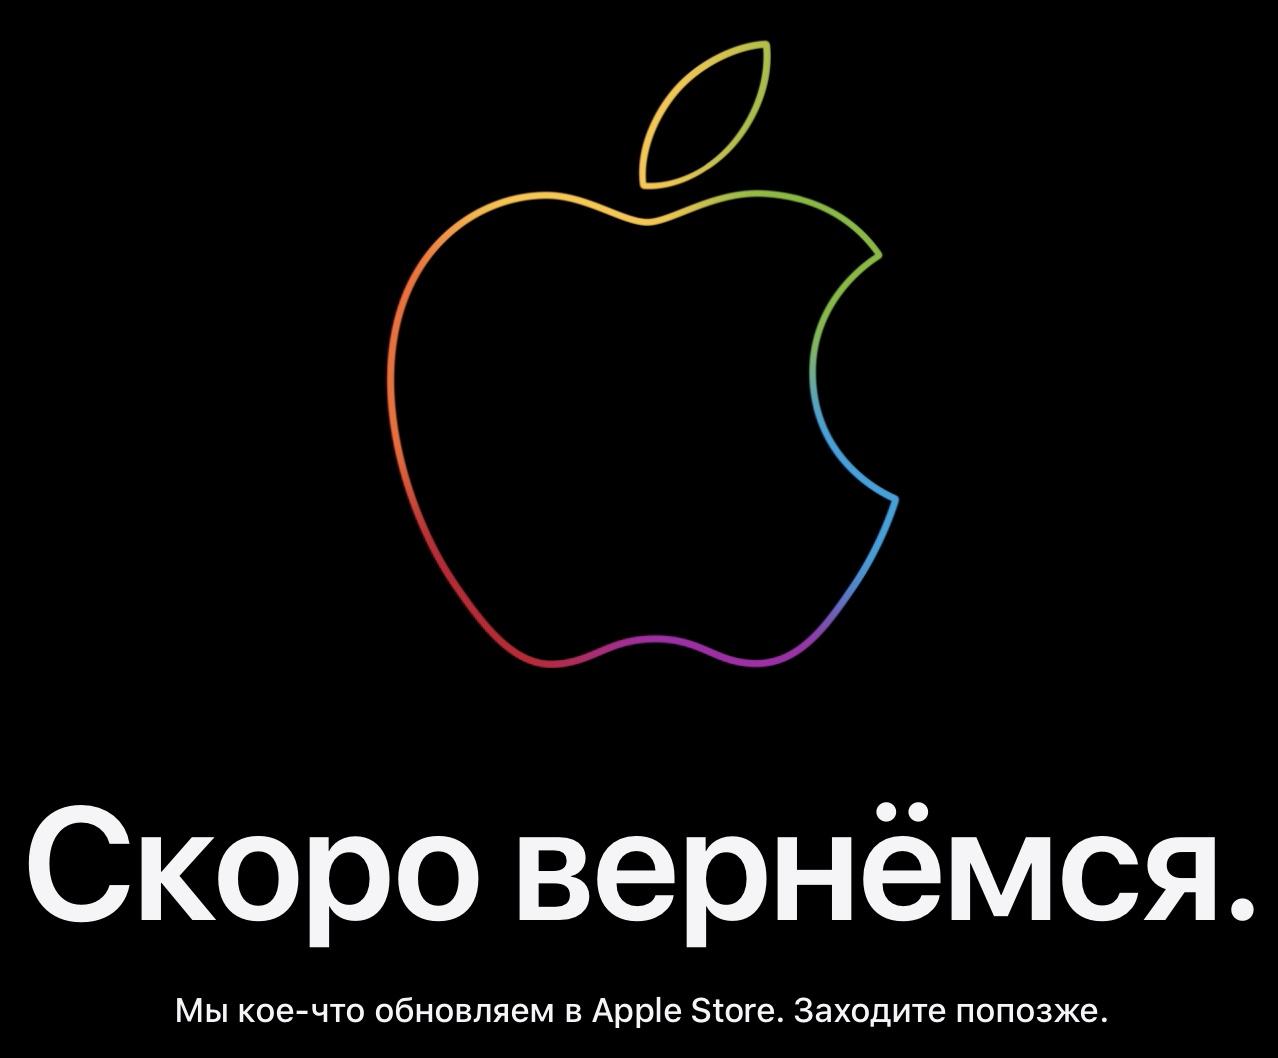 Apple Online Store закрылся перед сегодняшней презентацией